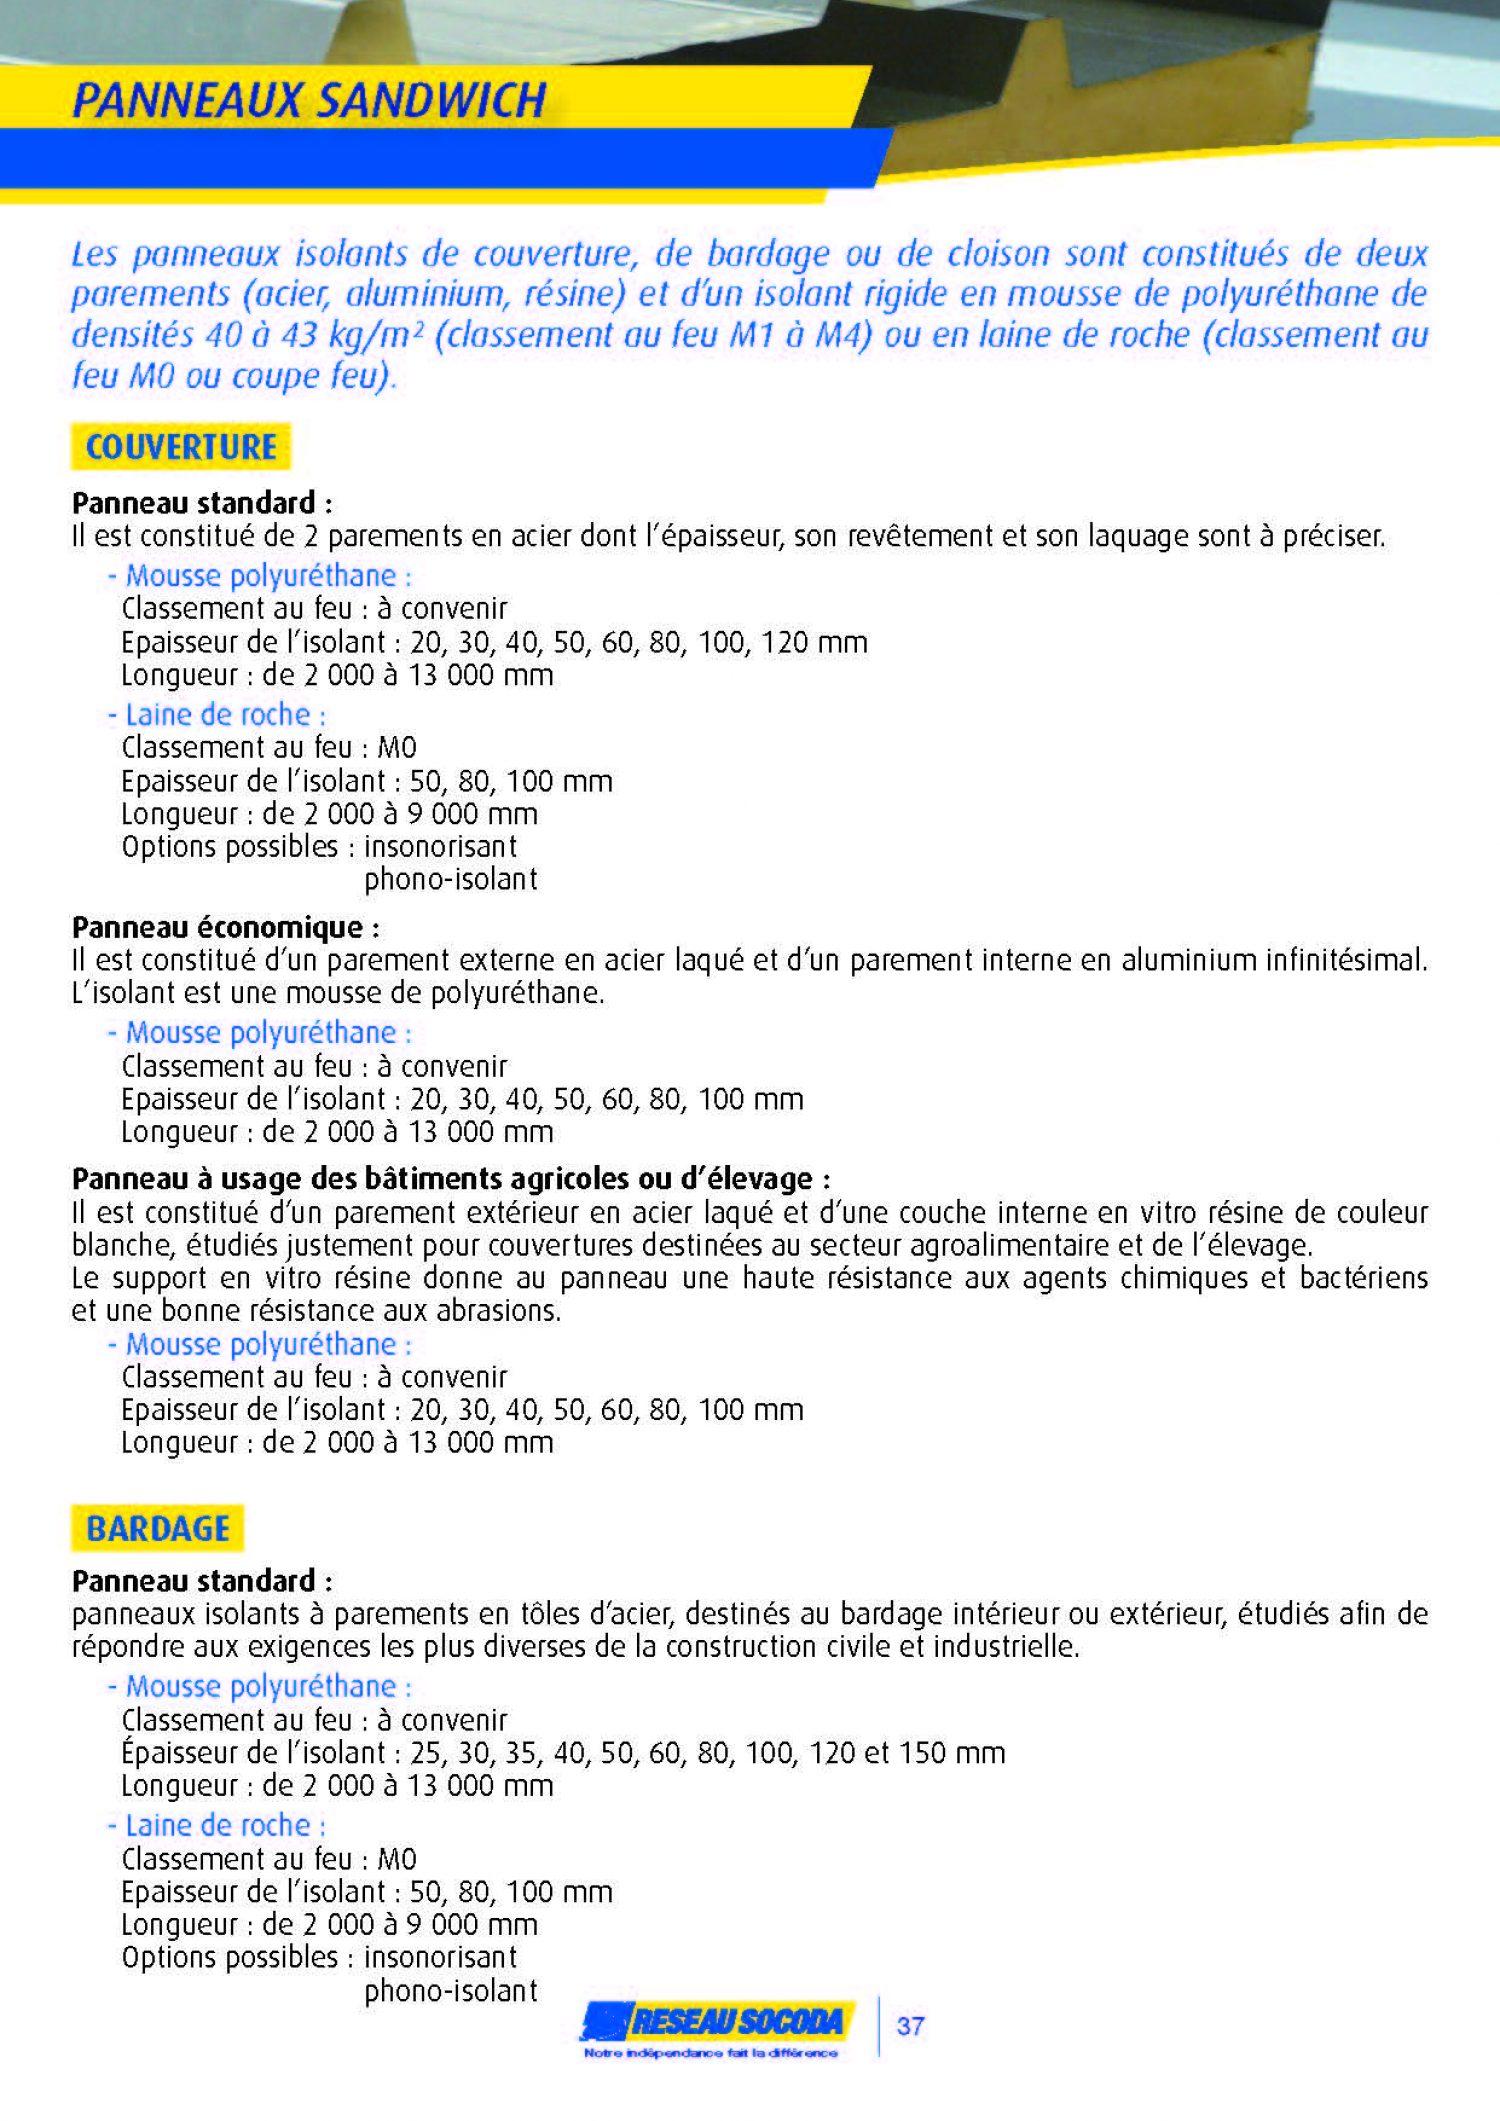 GERMOND_2014 PROFIL BATIMENT_20140324-184231_Page_37